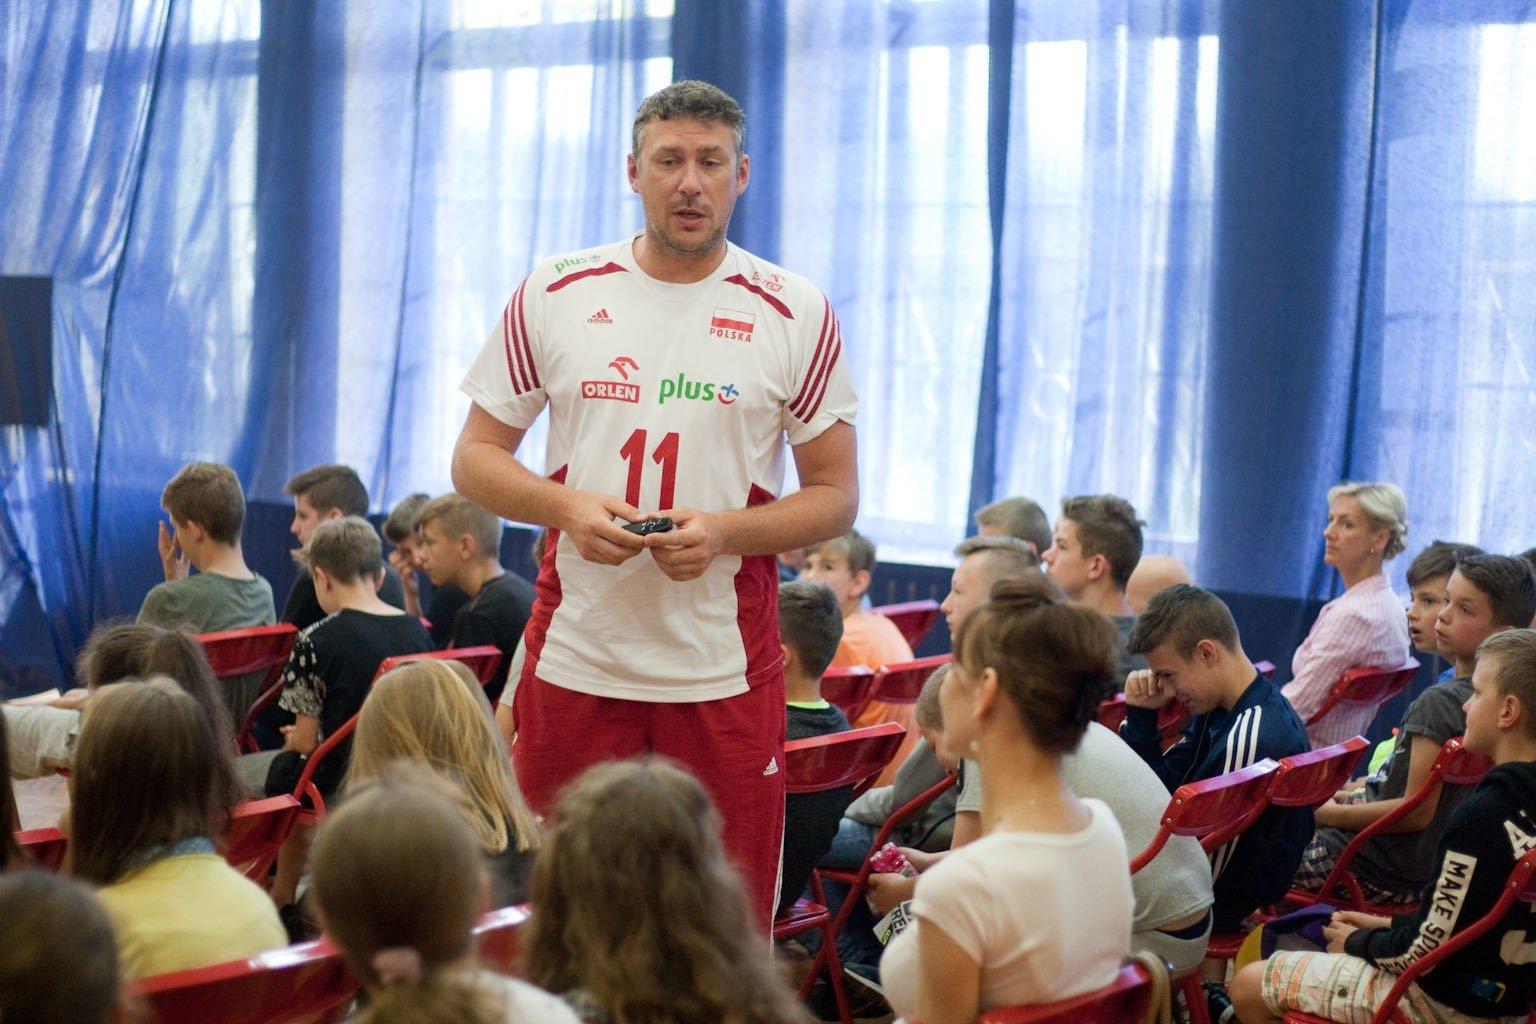 Mistrz świata Marcin Prus gościł w Szkole Podstawowej nr 2 w